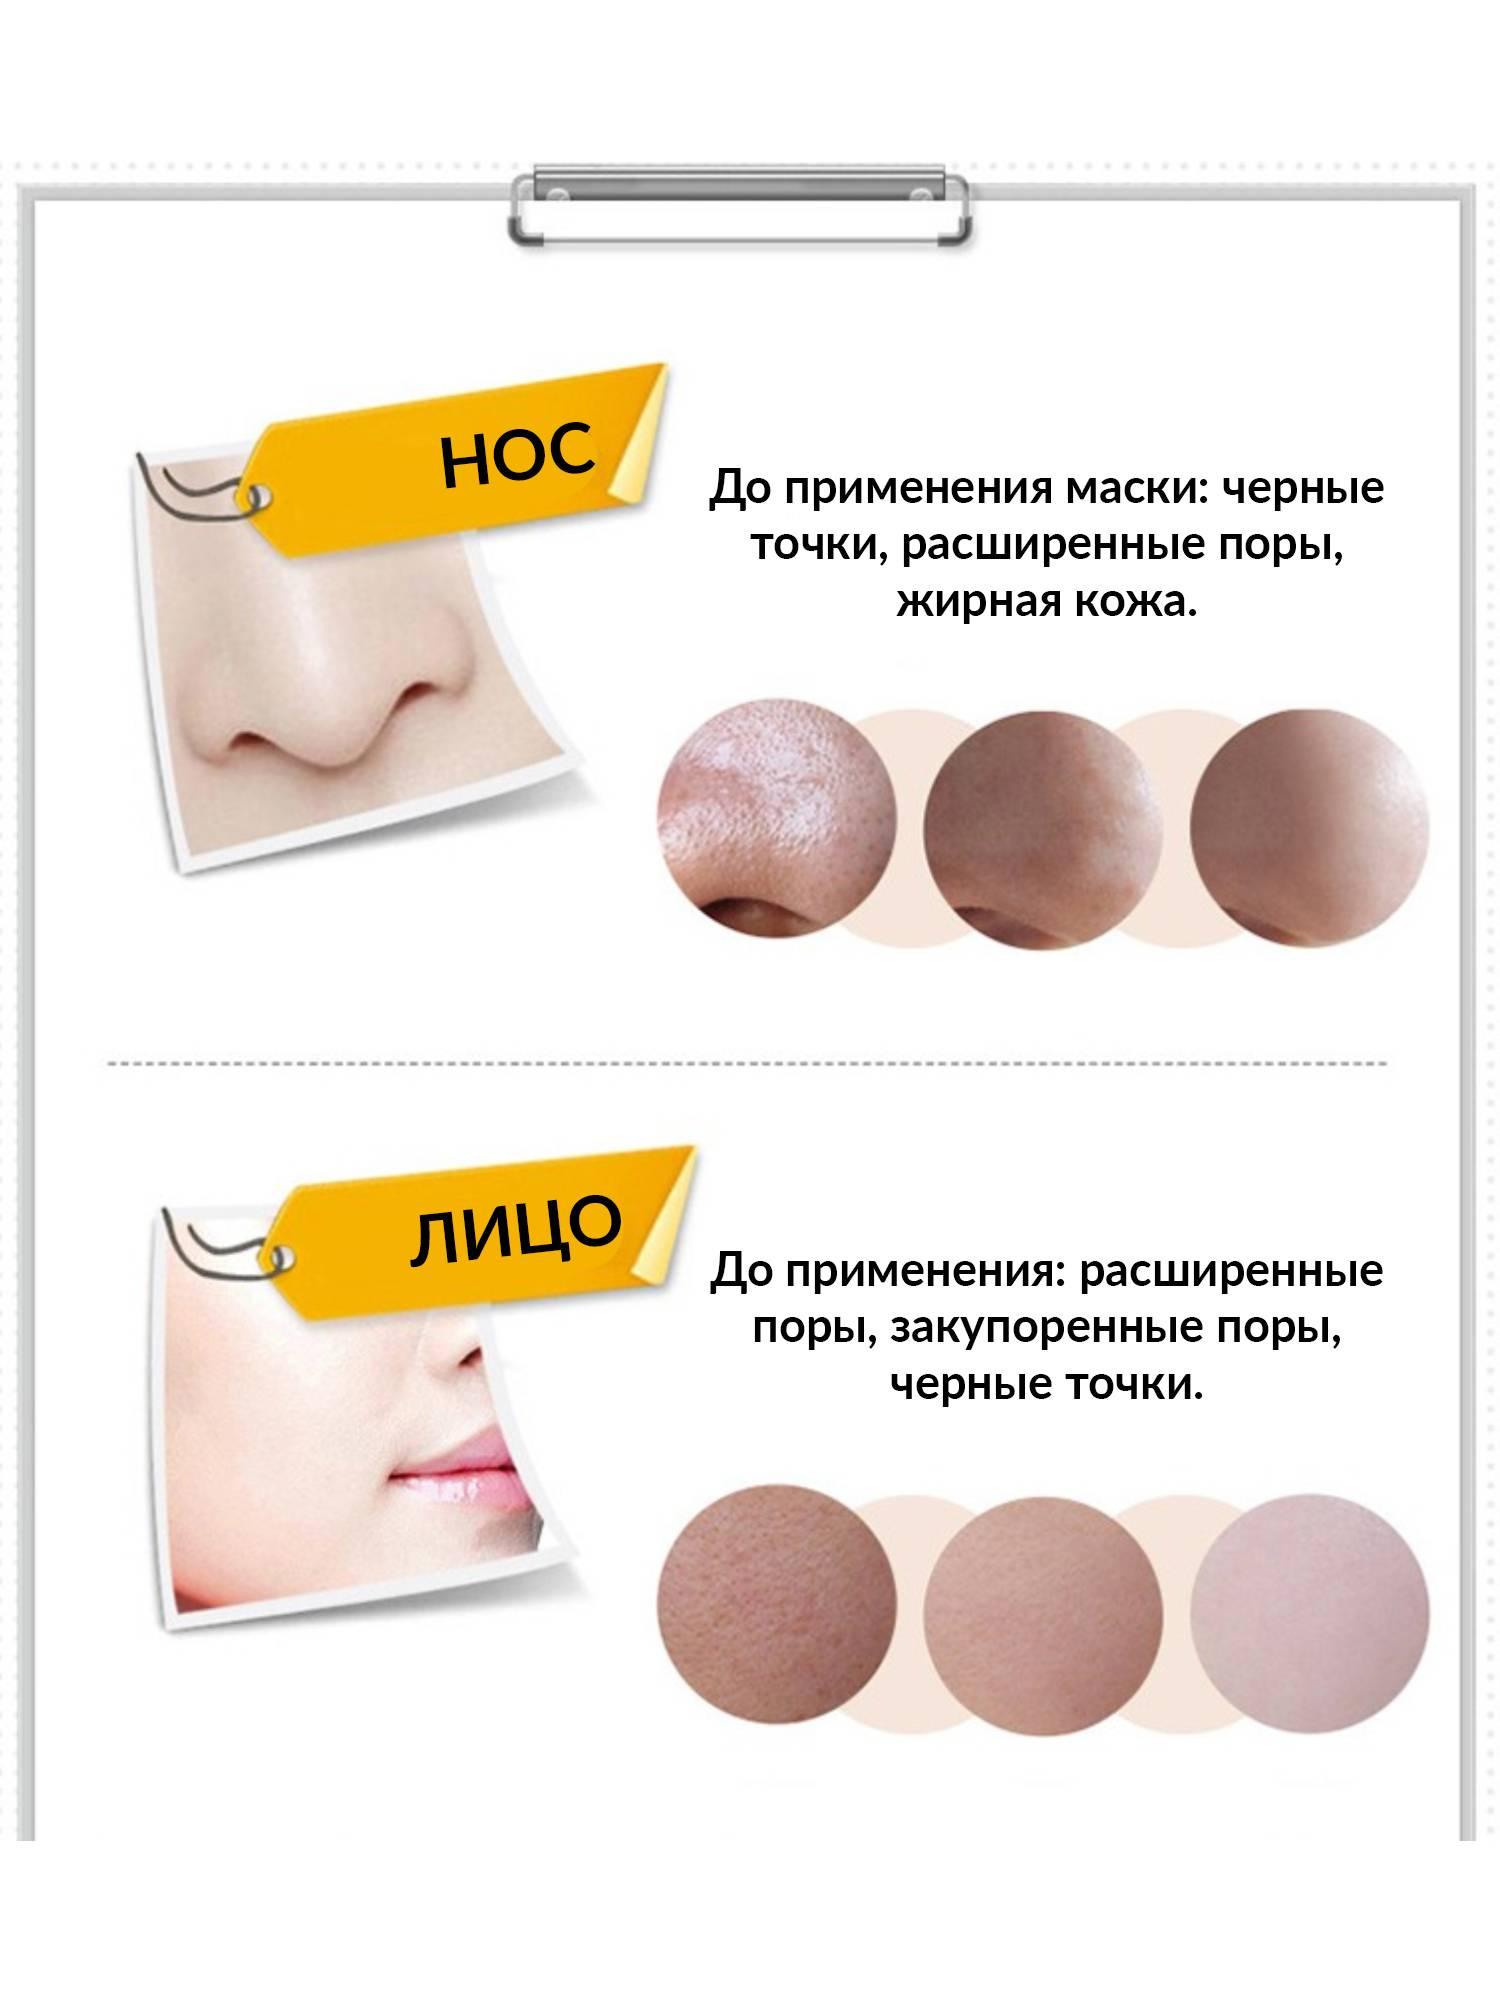 Домашние маски с активированным углём для лица: эффективное очищение кожи и устранение чёрных точек